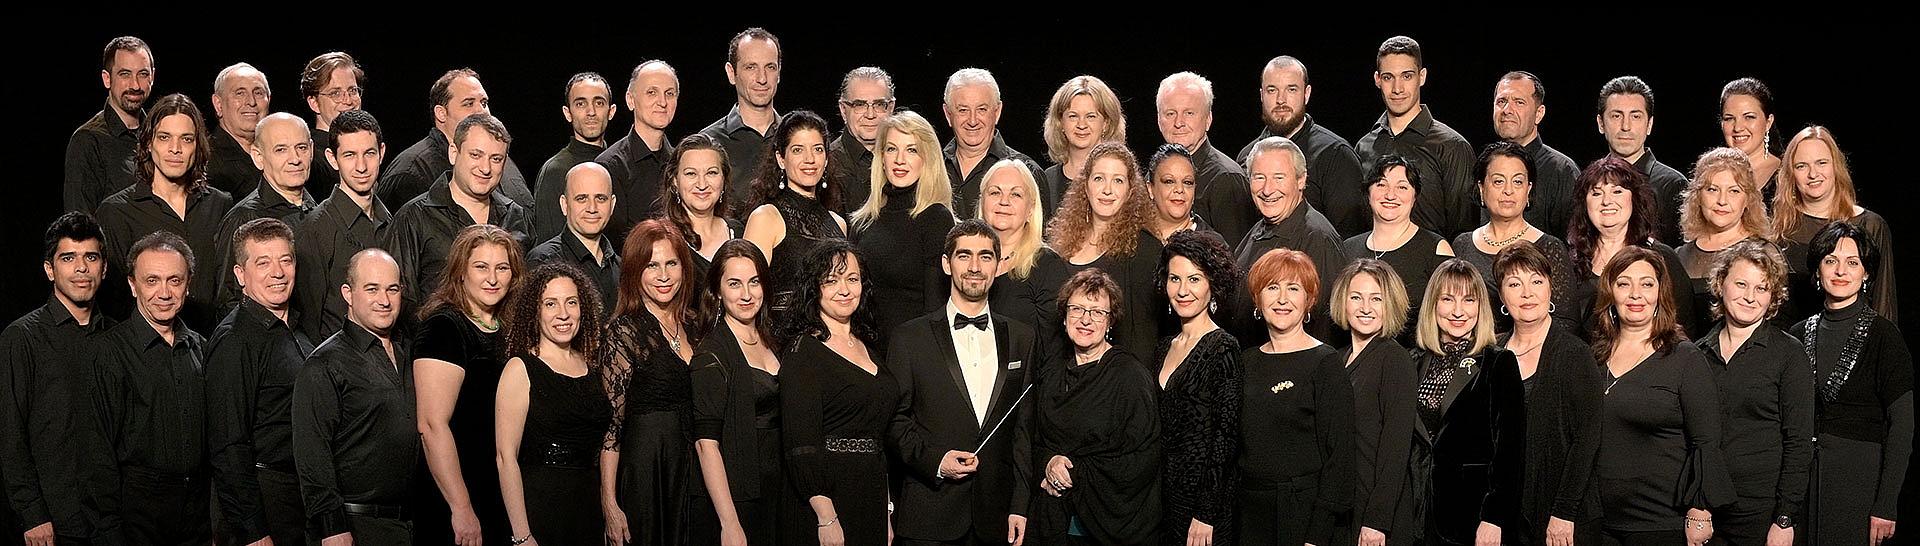 אודיציות למקהלת האופרה